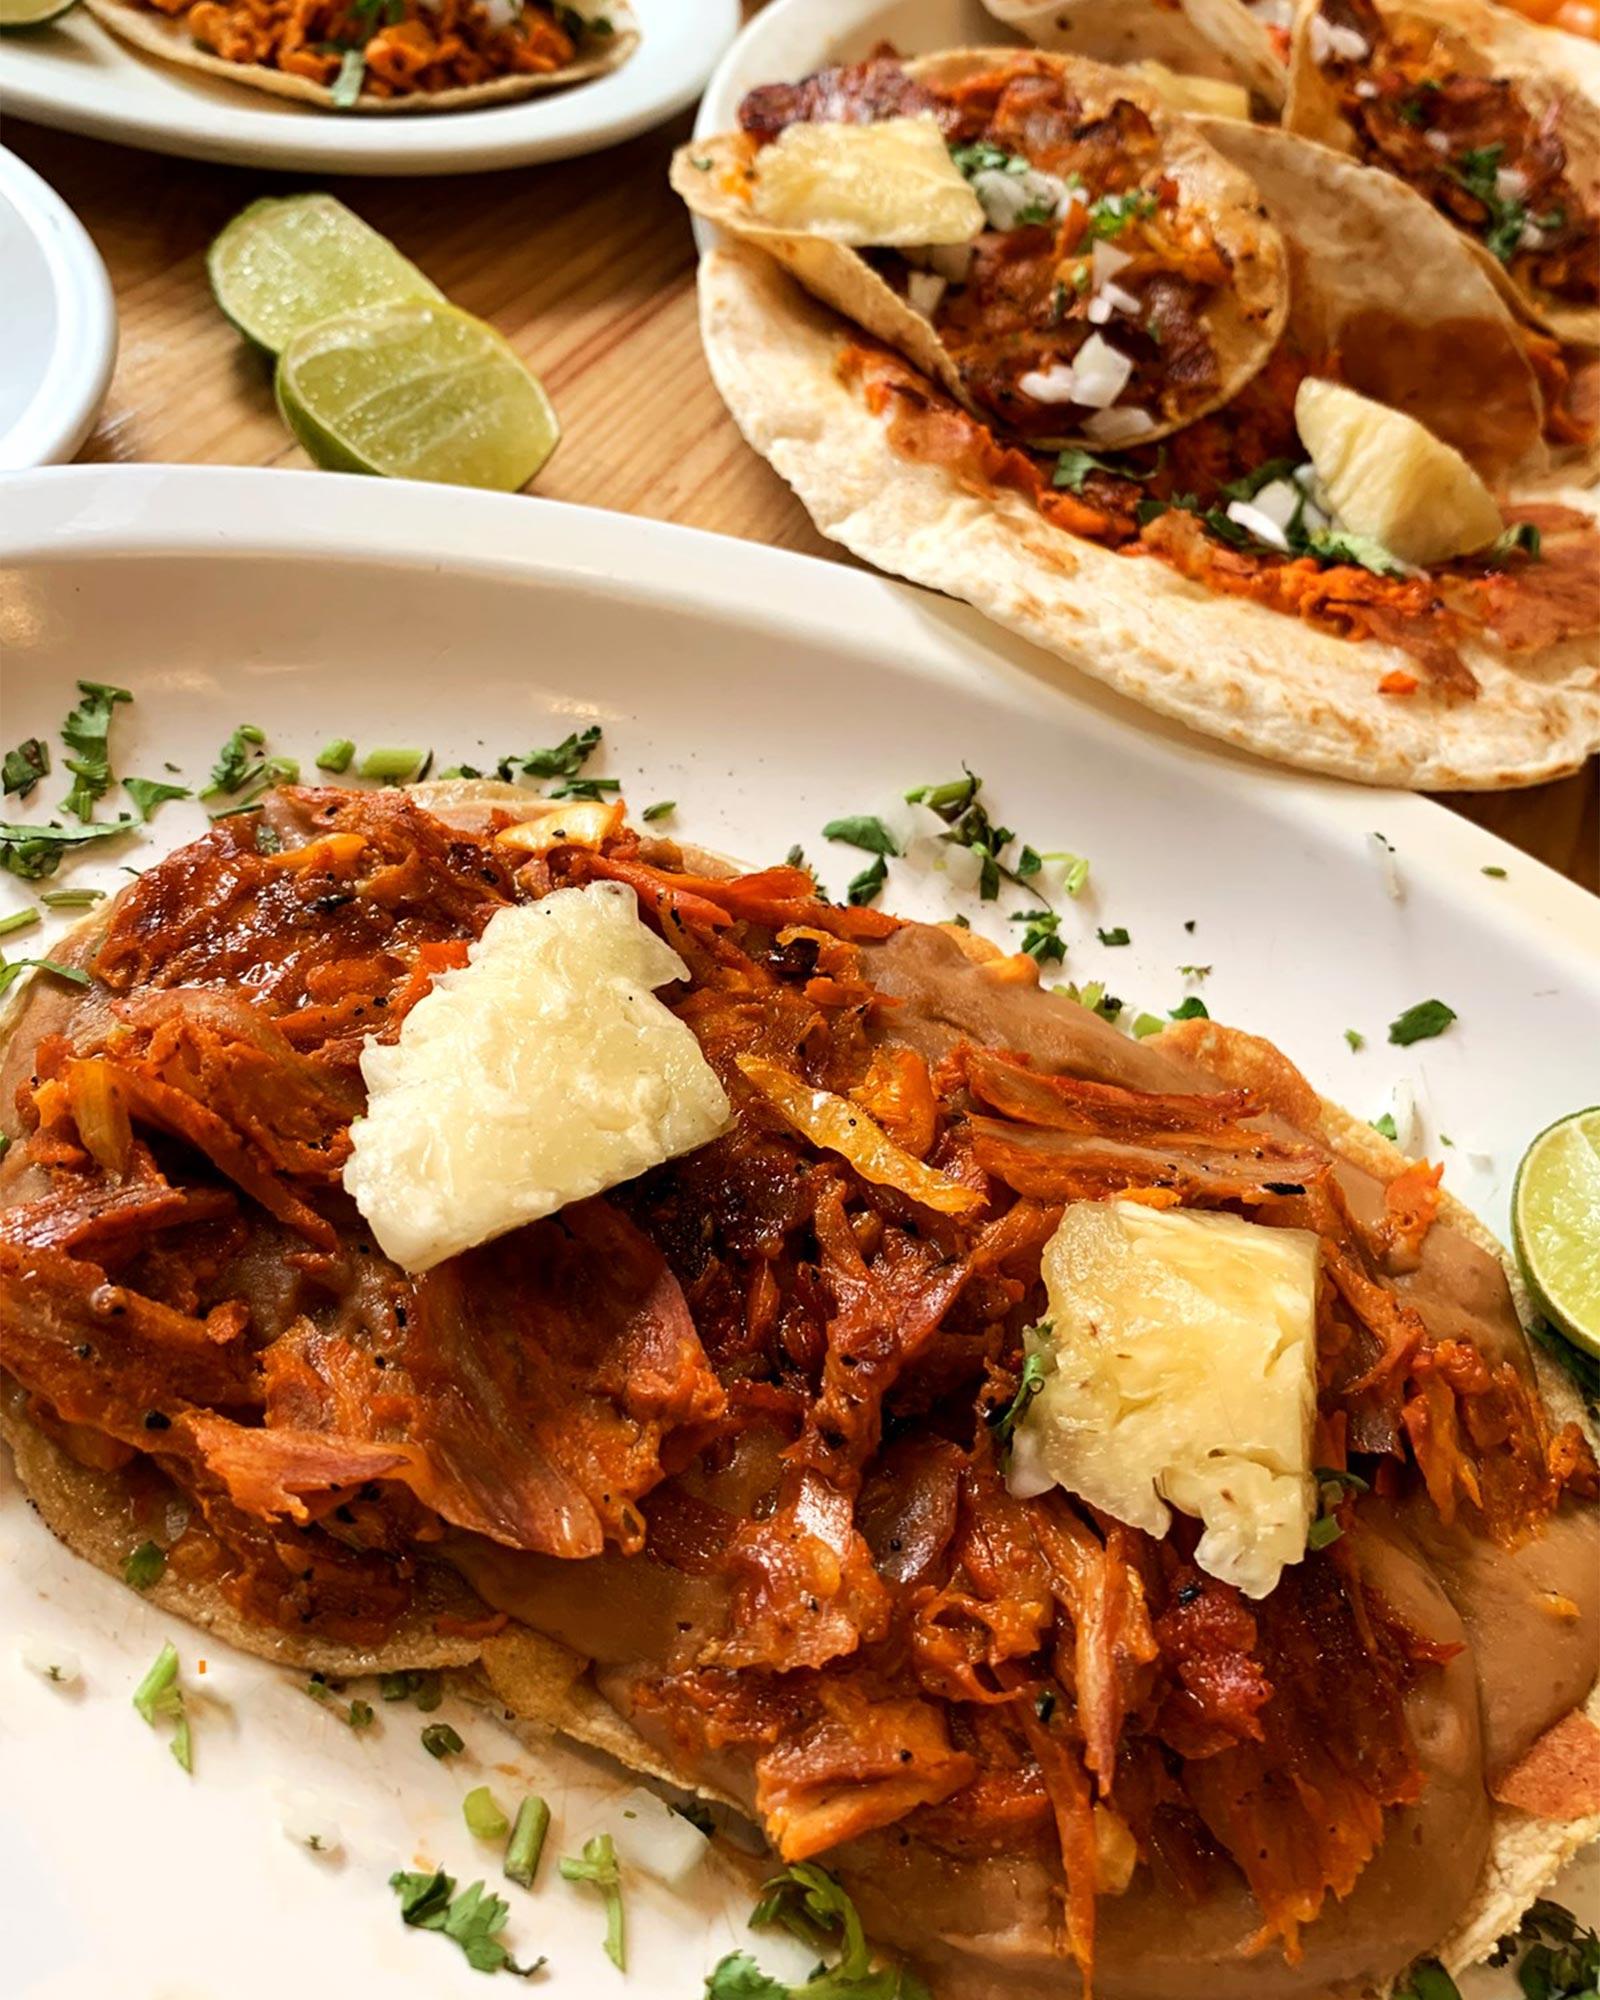 Tacos Al Pastor at El Tizoncito in Mexico City